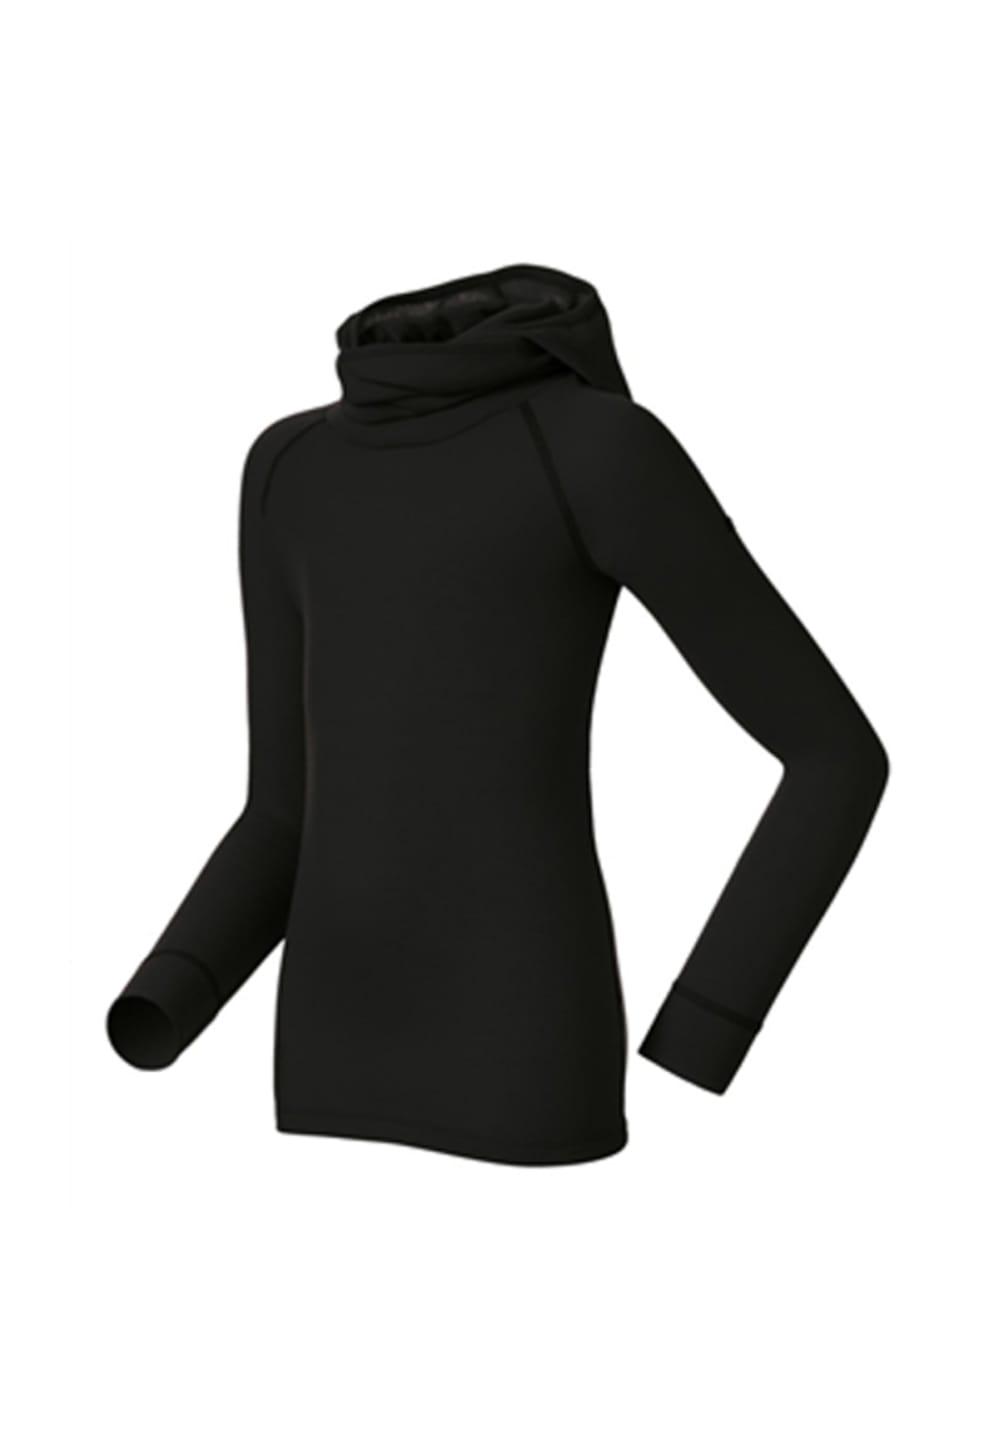 Odlo Shirt L/S With Facemask Warm - Funktionsunterwäsche für Kinder Unisex - S